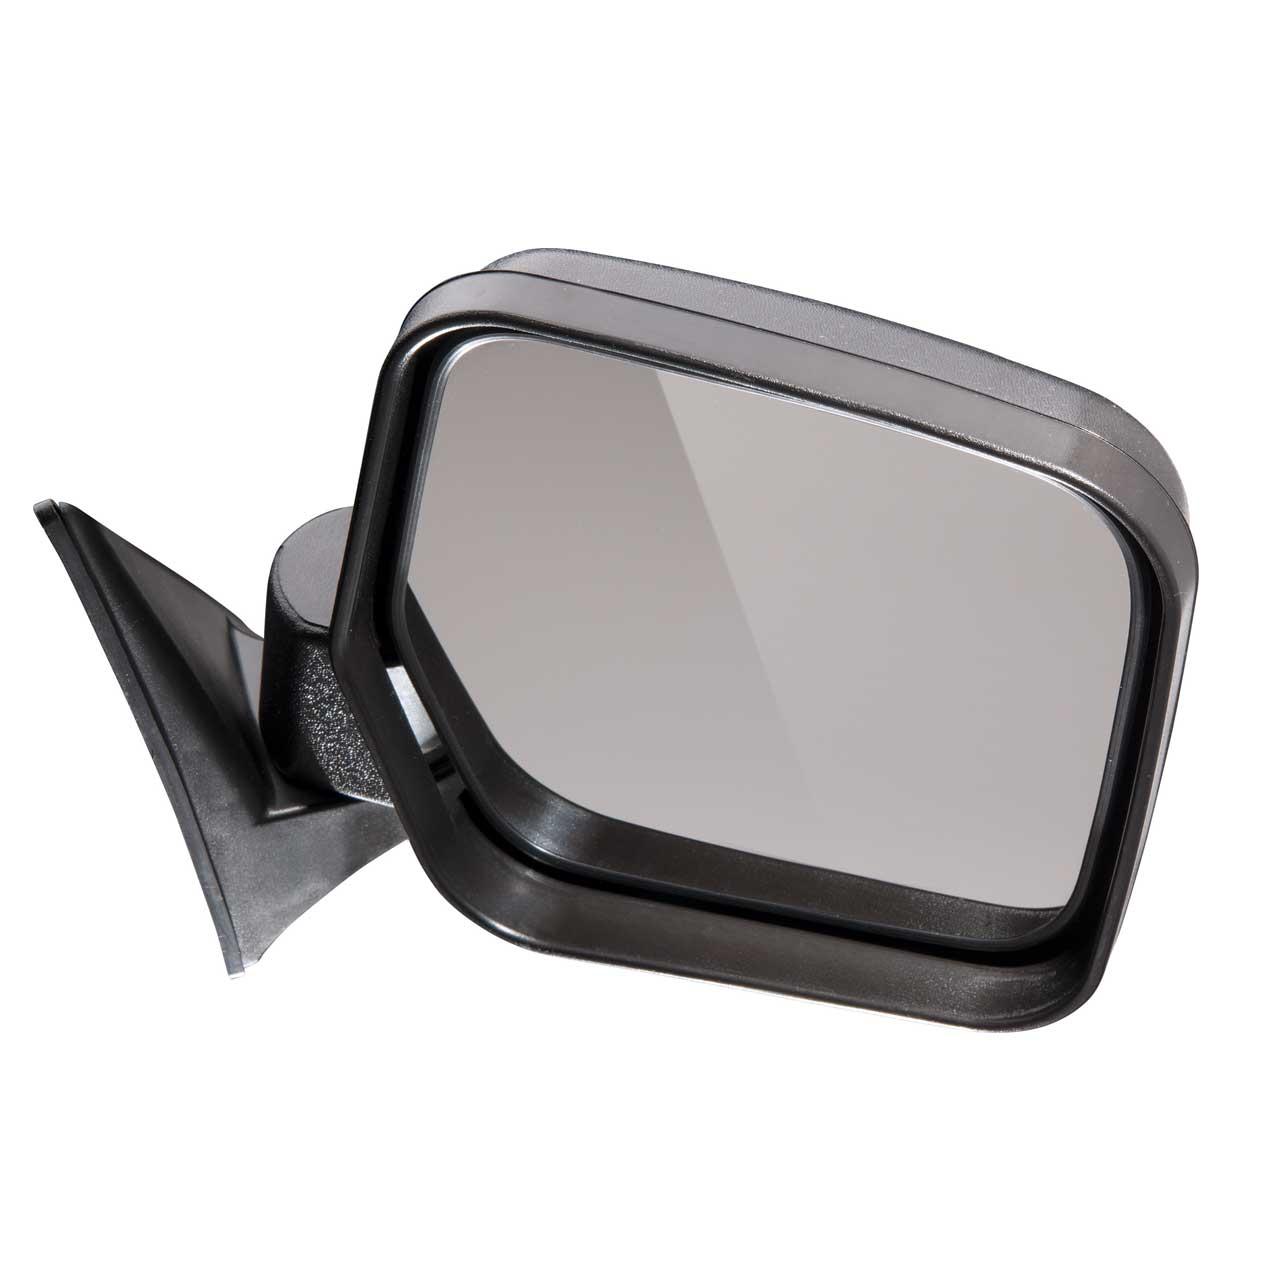 آینه دستی جانبی راست خودرو BZ مشکی مناسب برای وانت نیسان